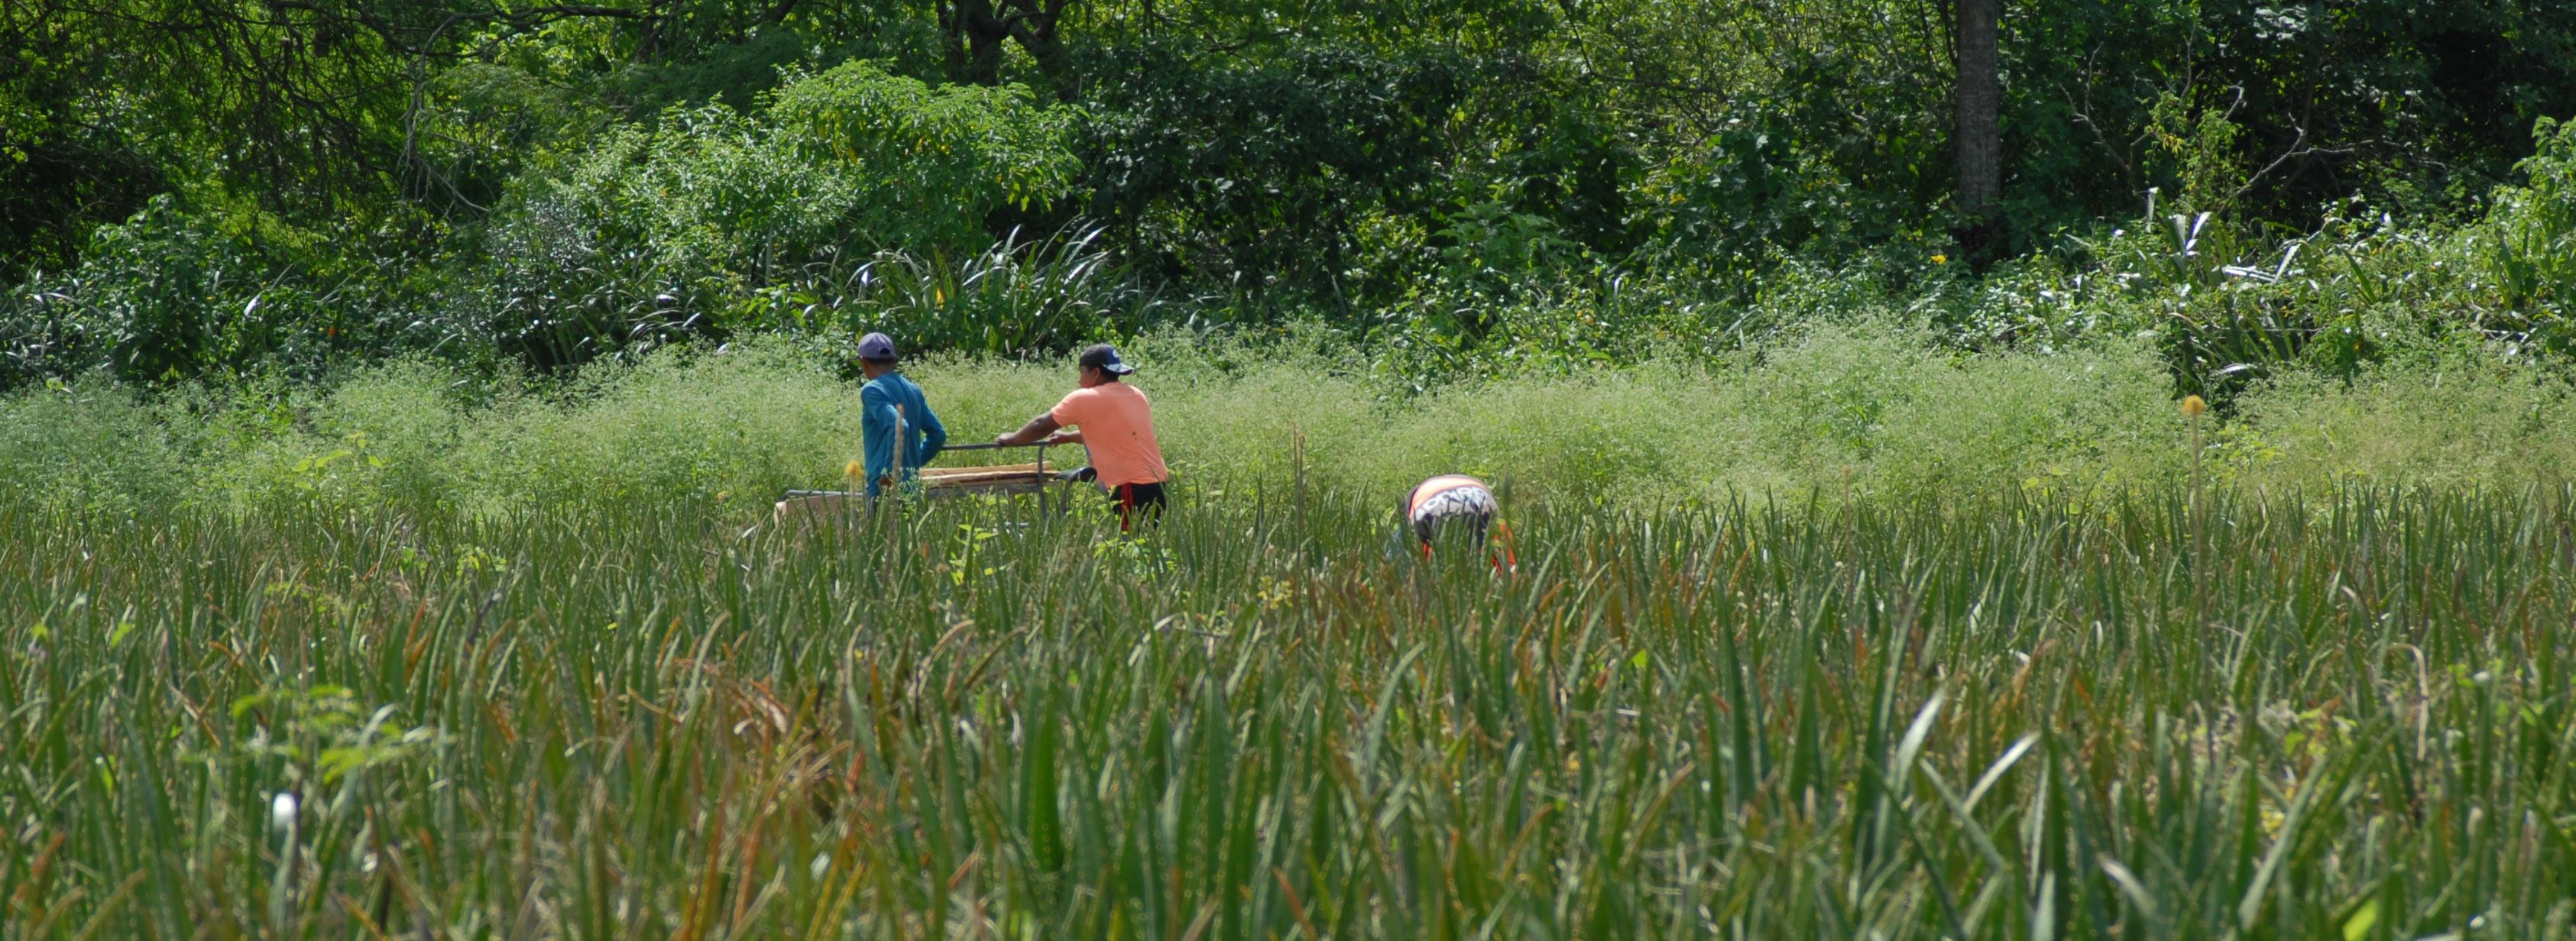 grüne Landschaft mit Aloe Vera Pflanzen und Bauern im Feld